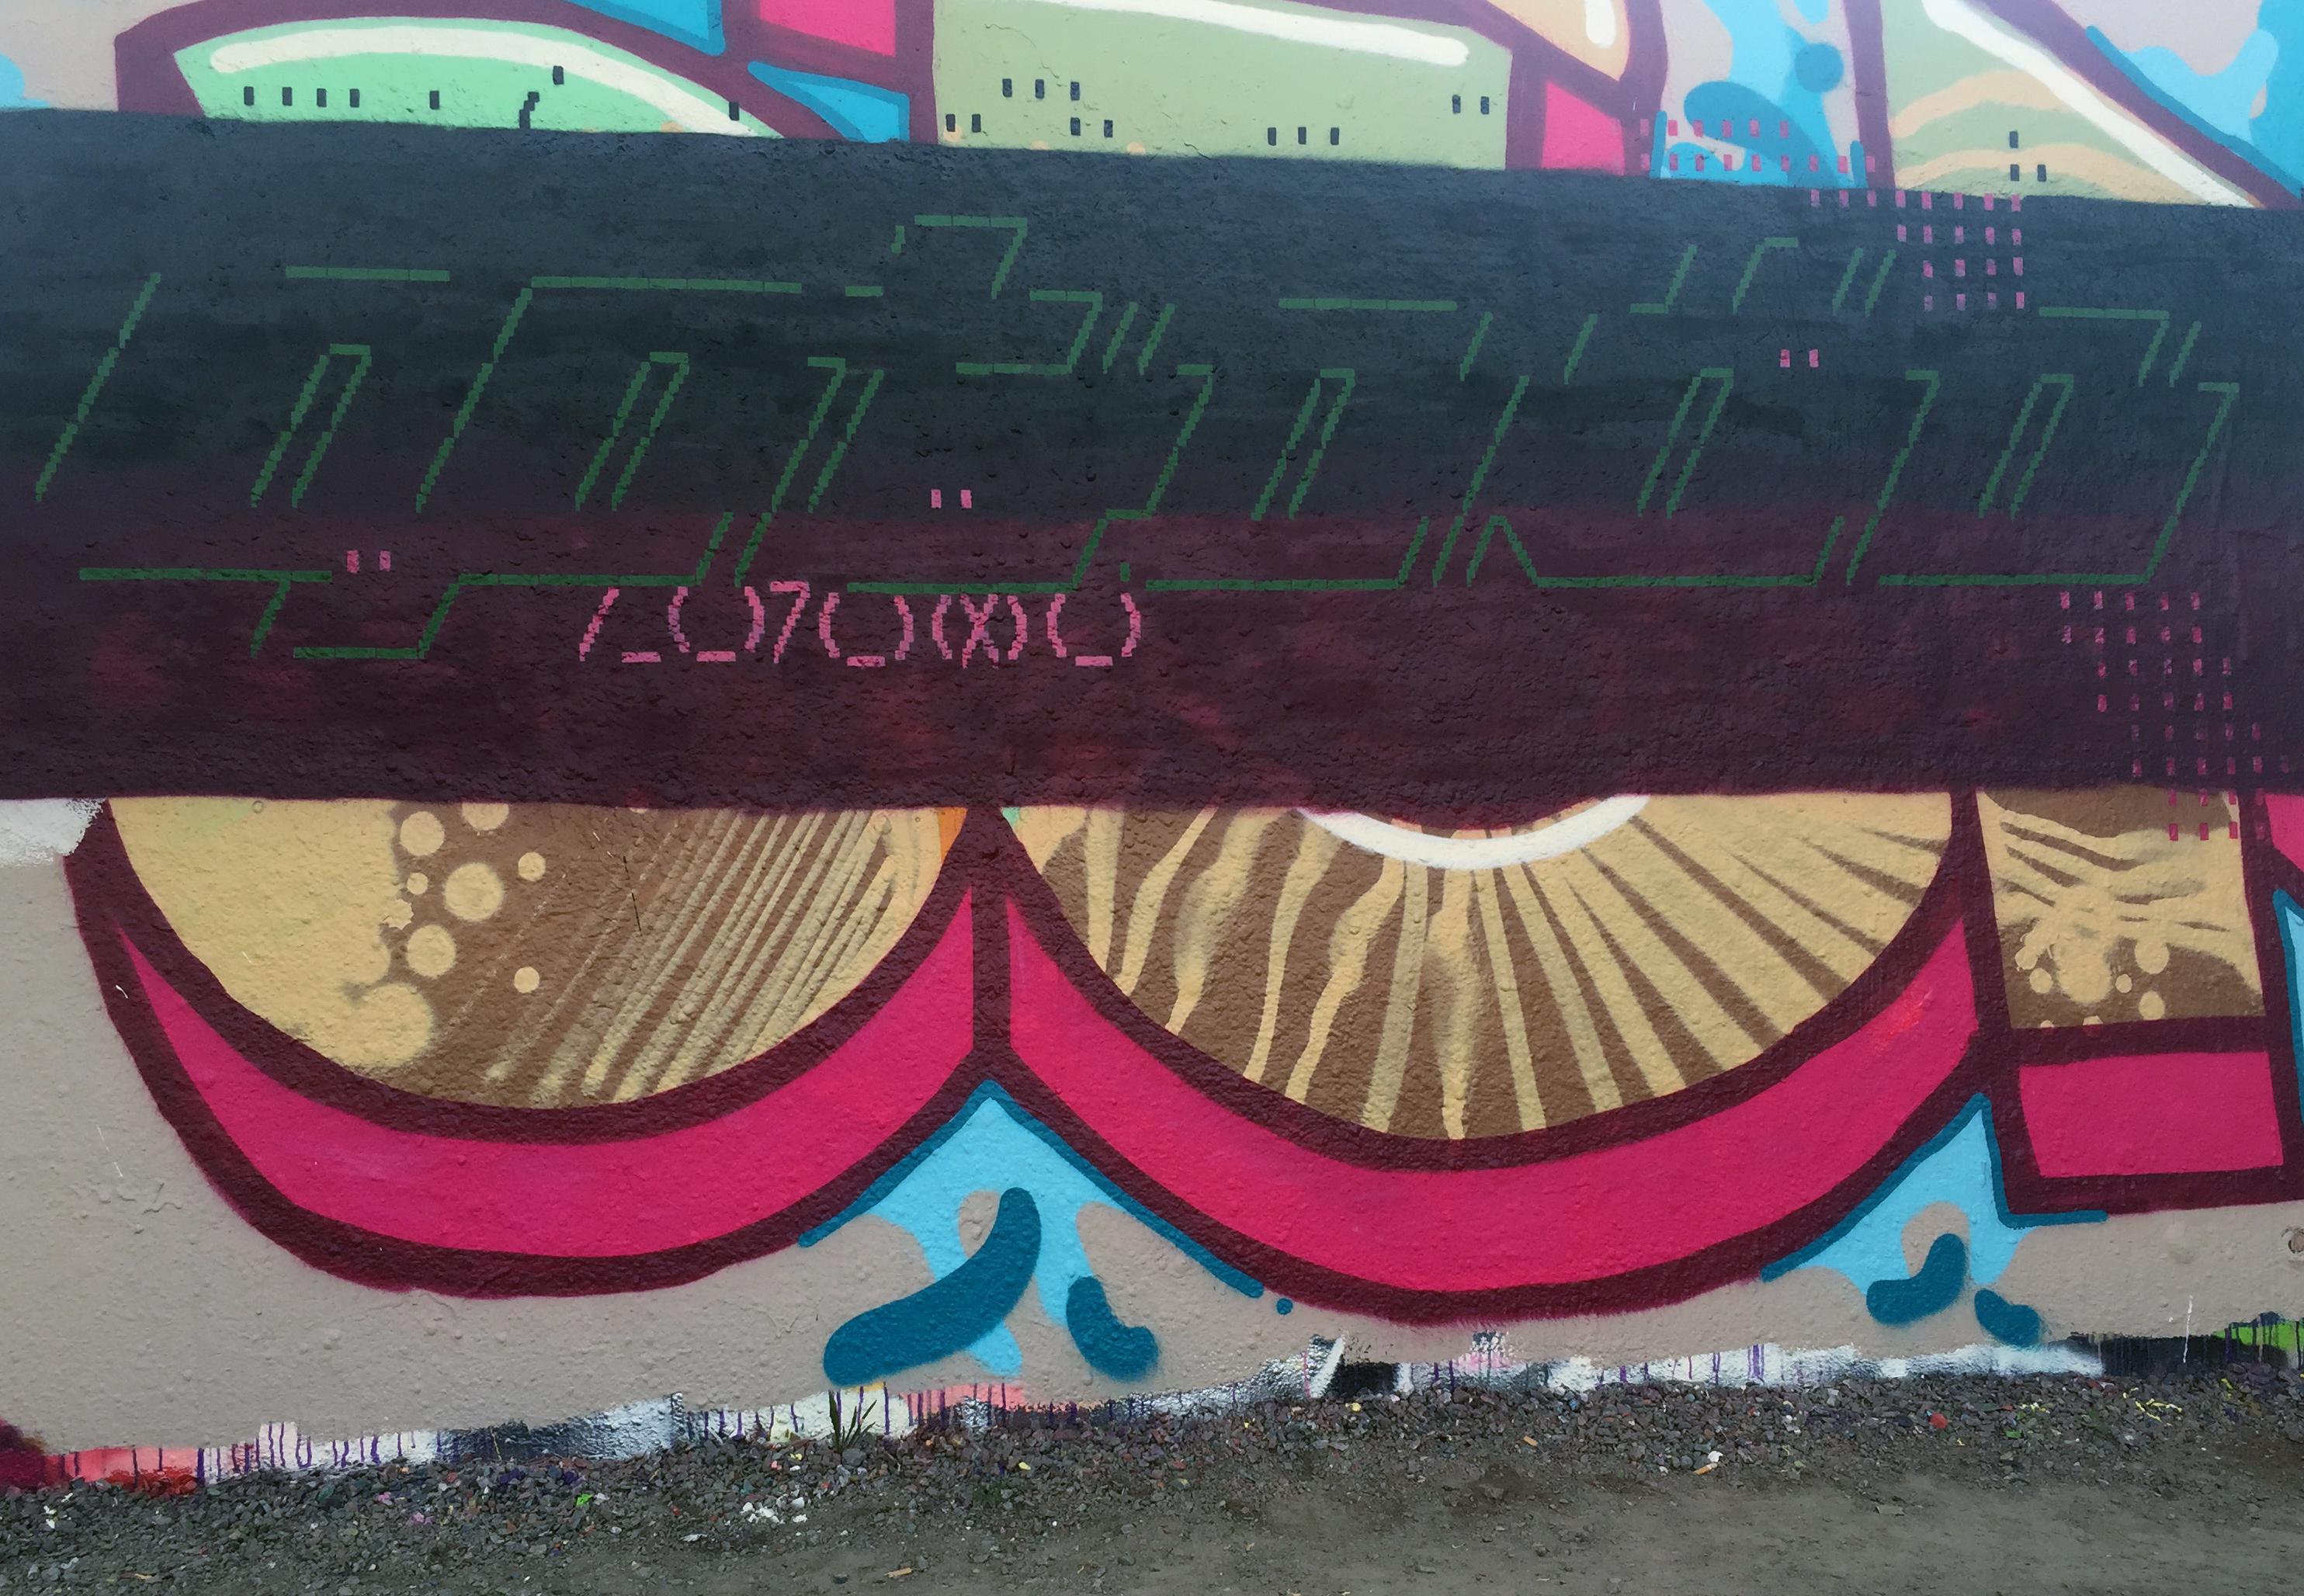 Blood & ASCII Graffiti